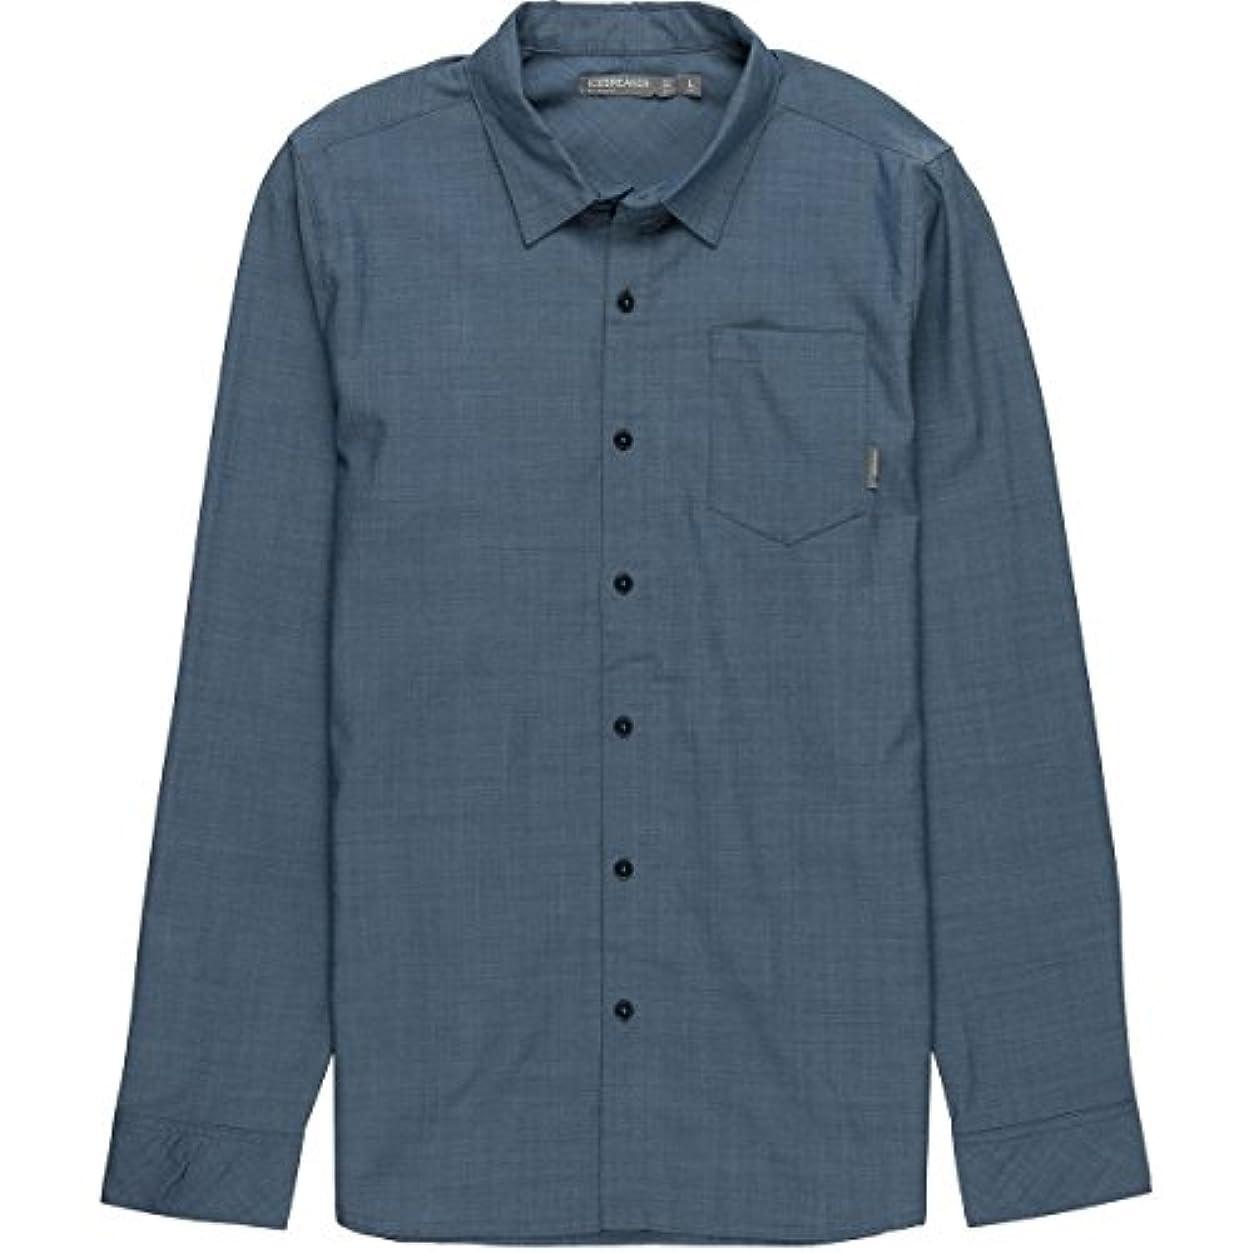 人生を作る囲い公園アイスブレーカー トップス シャツ Departure II Shirt - Long-Sleeve - Men's Largo Heat 10j [並行輸入品]